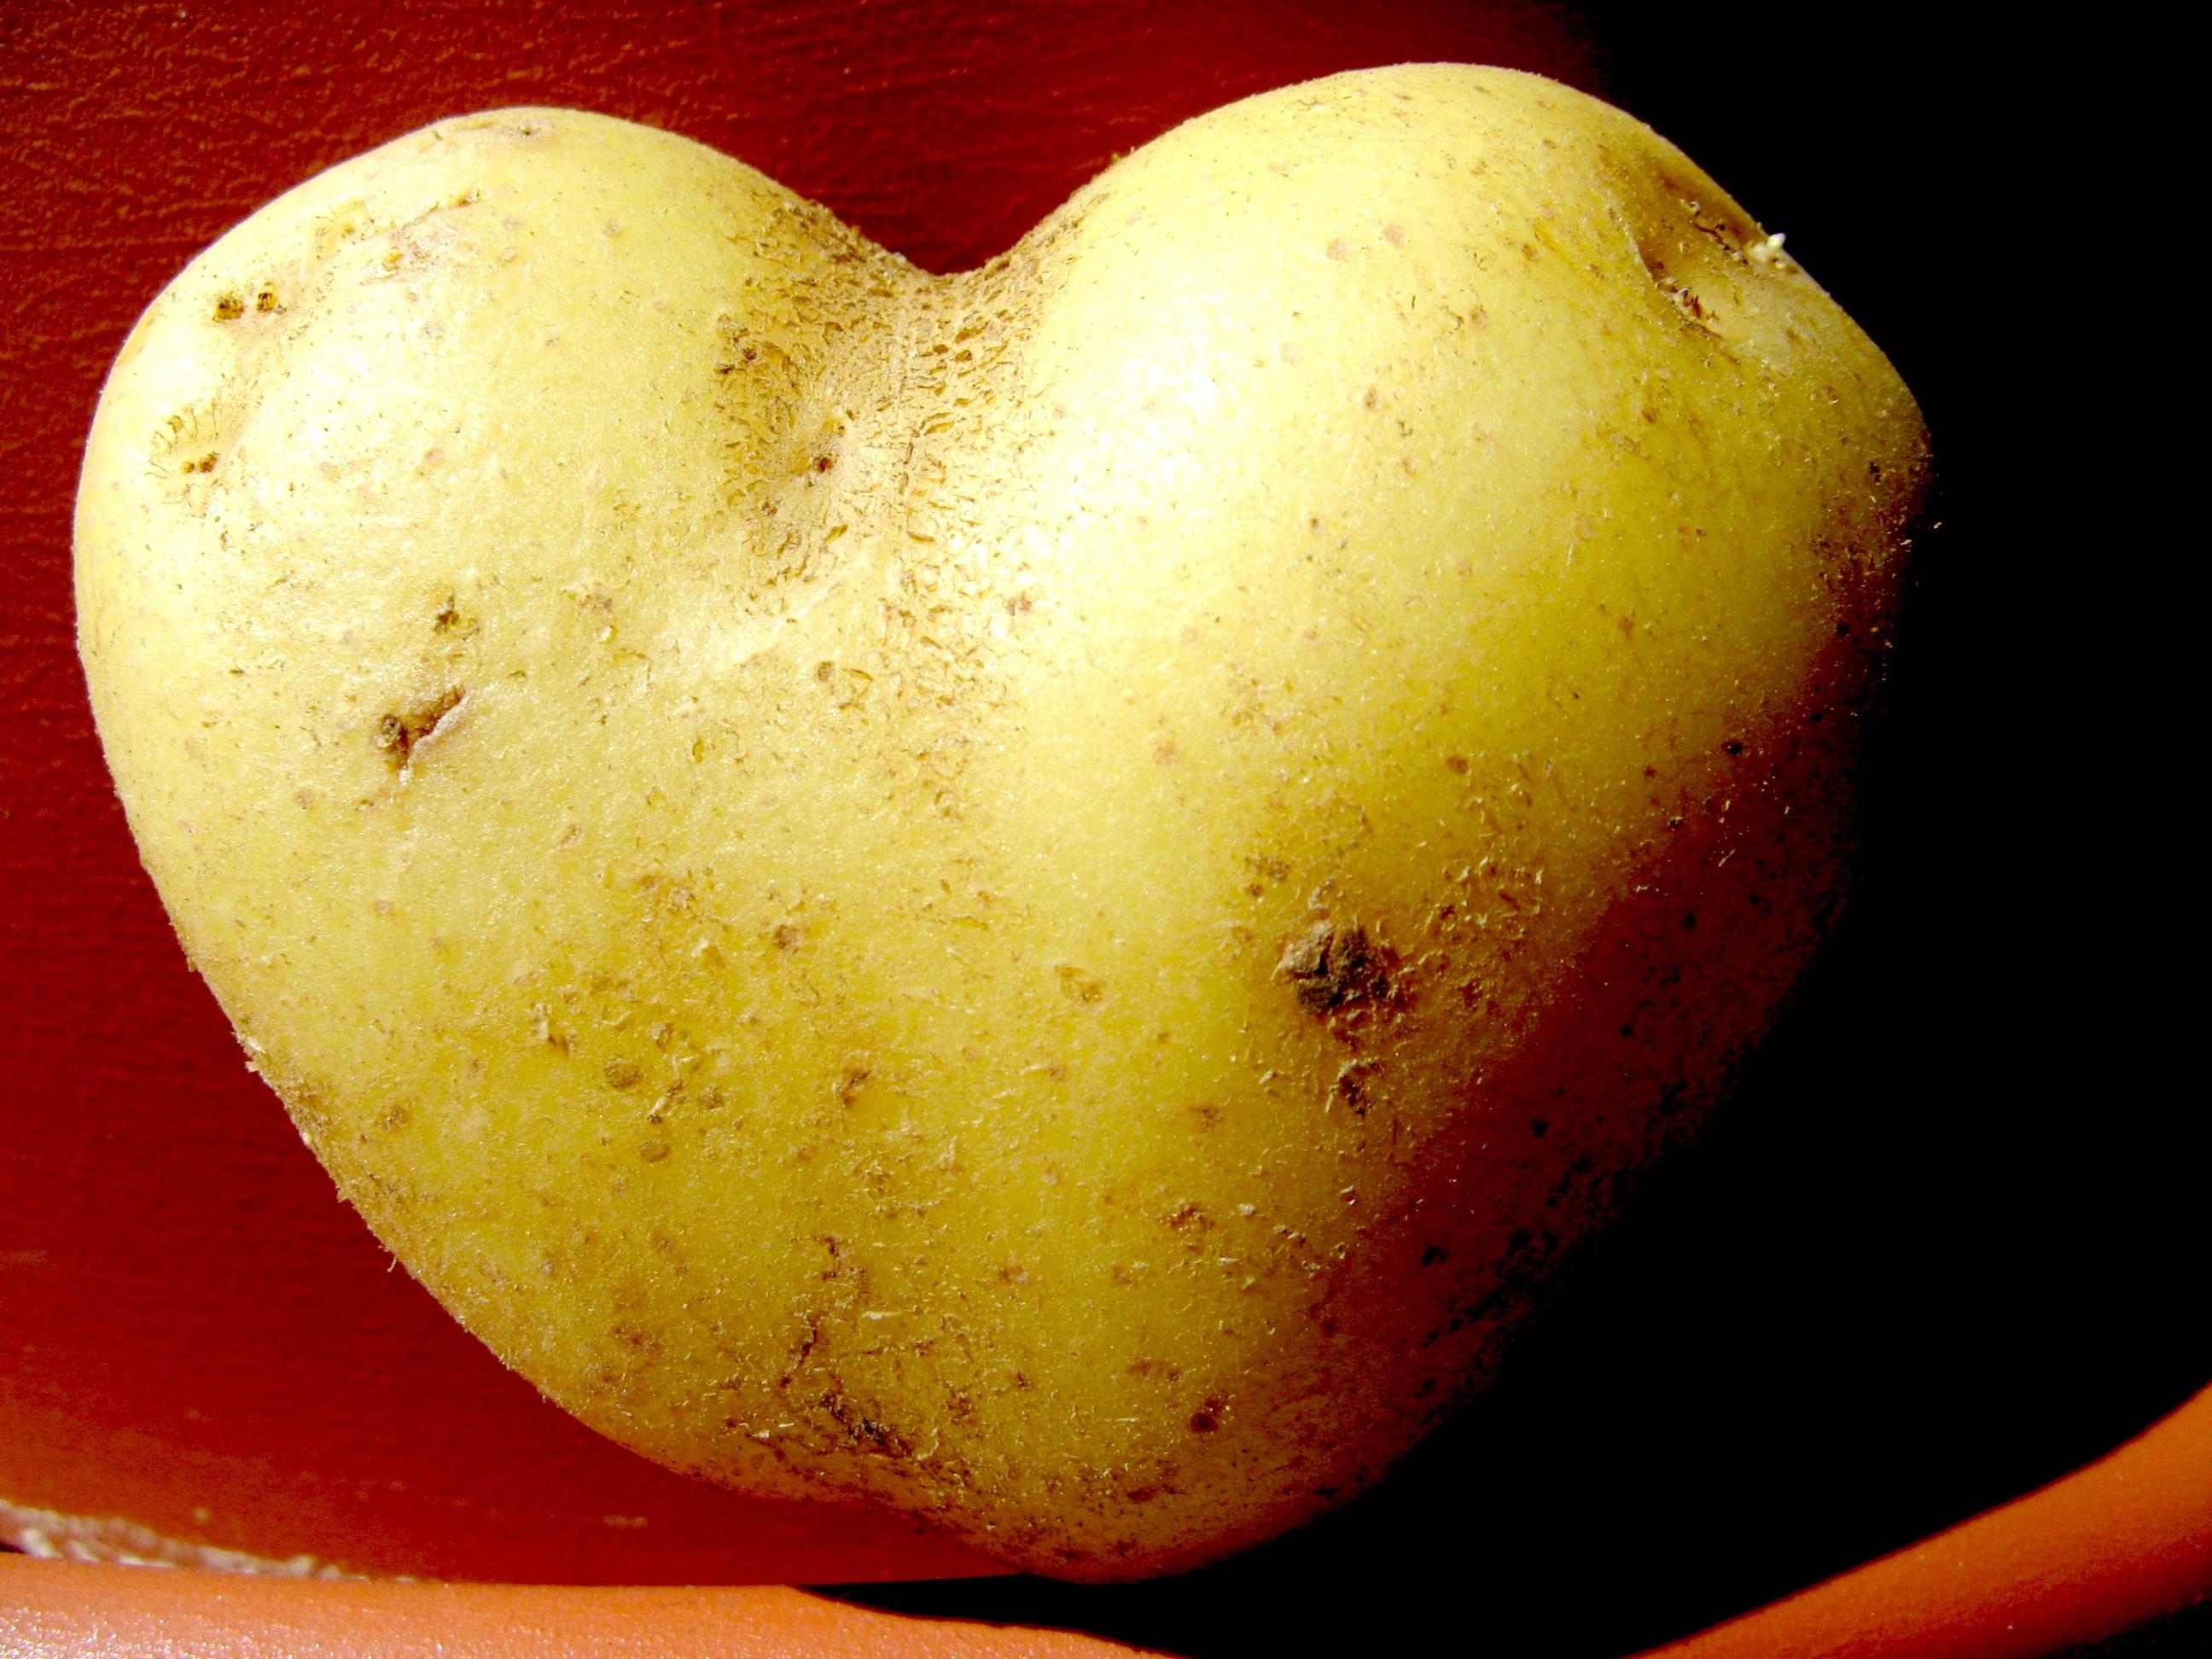 Kostenlose foto  Apfel Frucht Herz Lebensmittel produzieren